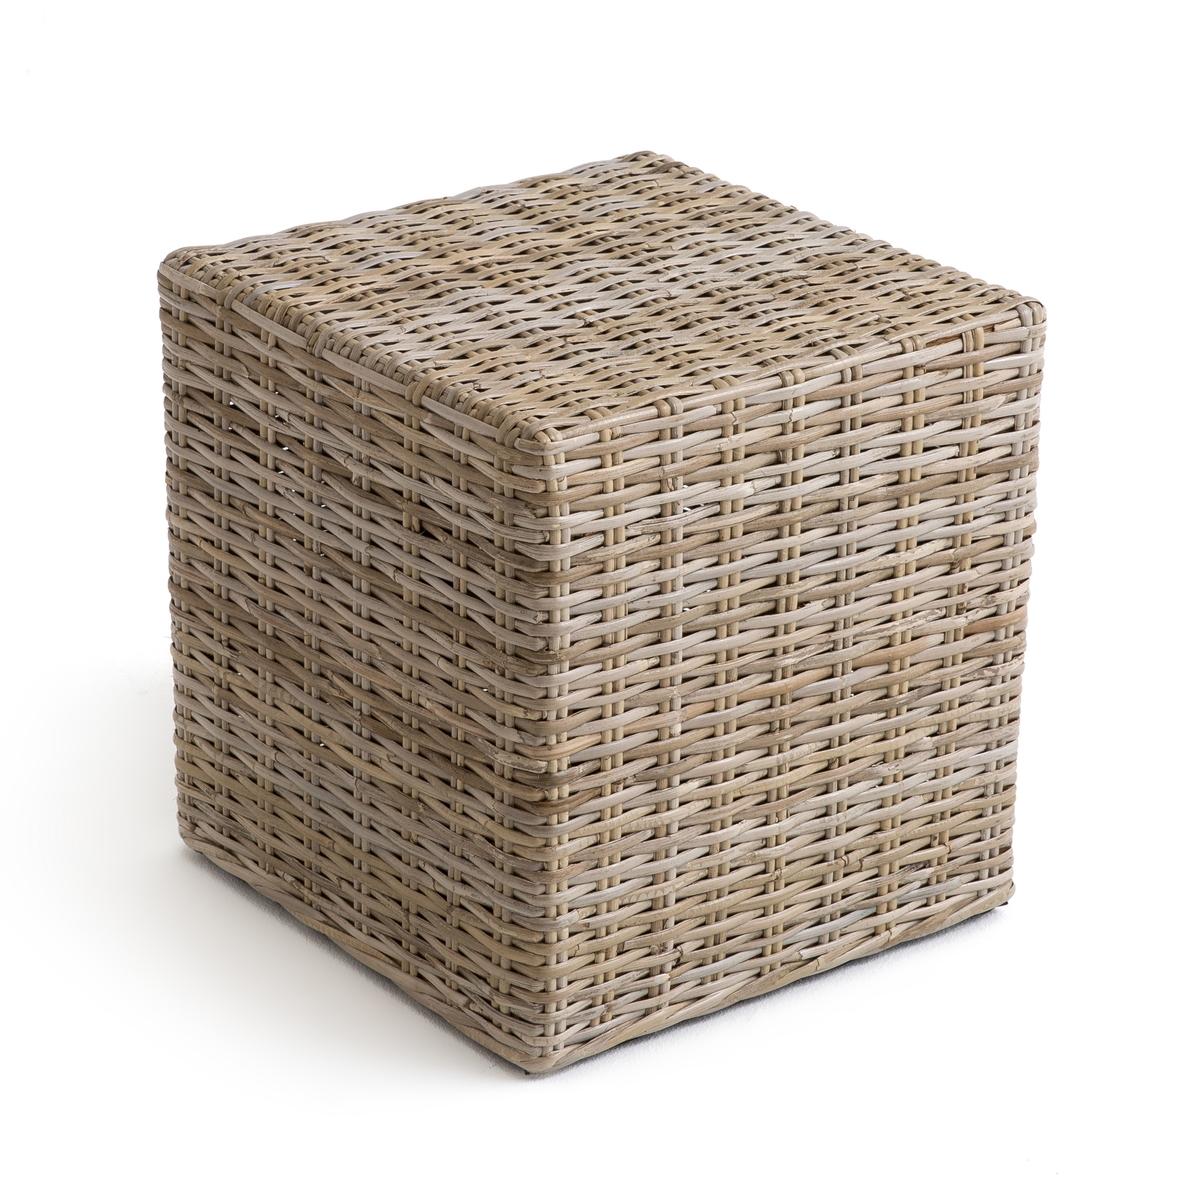 Пуф в форме куба из ротанга под ноги, INQALUITОписание:Кубический пуф Inqaluit добавит натуральных моментов в Ваш дом, а также послужит диванным столиком или тумбочкой. Характеристики пуфа Inqaluit :Каркас из дуриана (экзотитческое дерево).Плетение из kubu или отбелённого ротанга, лаковая нитроцеллюлозна отделка.Пластиковые пластины.Всю коллекцию Inqaluit Вы можеет найти на сайте laredoute.ruРазмеры пуфа Inqaluit :Общие :Ширина : 35 смВысота : 35 смГлубина : 35 см.Размеры и вес ящика :1 упаковка Ш.37 x В.37 x Г.37 см, 4,53 кгДоставка :Пуф кубический Inqaluit доставляется в собранном виде. Доставка будет осуществлена до вашей квартиры по предварительному согласованию!Внимание ! Убедитесь в том, что товар возможно доставить на дом, учитывая его габариты (проходит в двери, по лестницам, в лифты).<br><br>Цвет: выбеленный,серо-бежевый